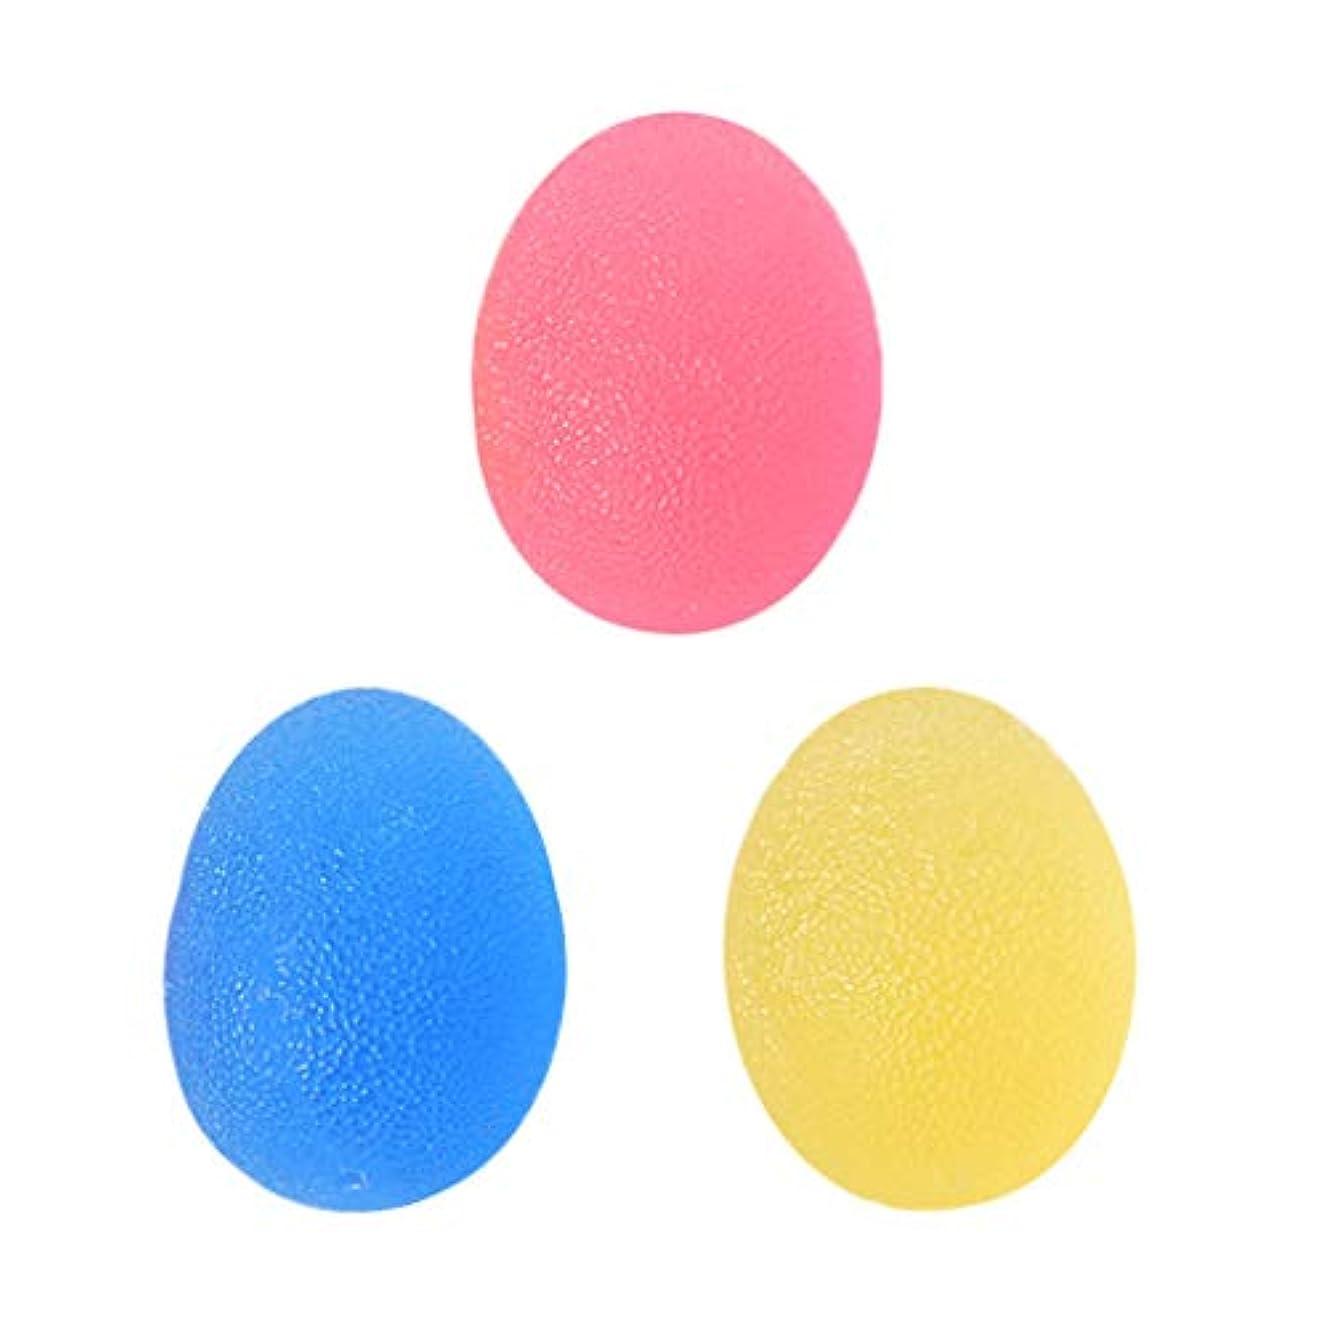 写真種類膿瘍3個 ハンドエクササイザ スクイズボール ツボ押し 強度ボール TPE製